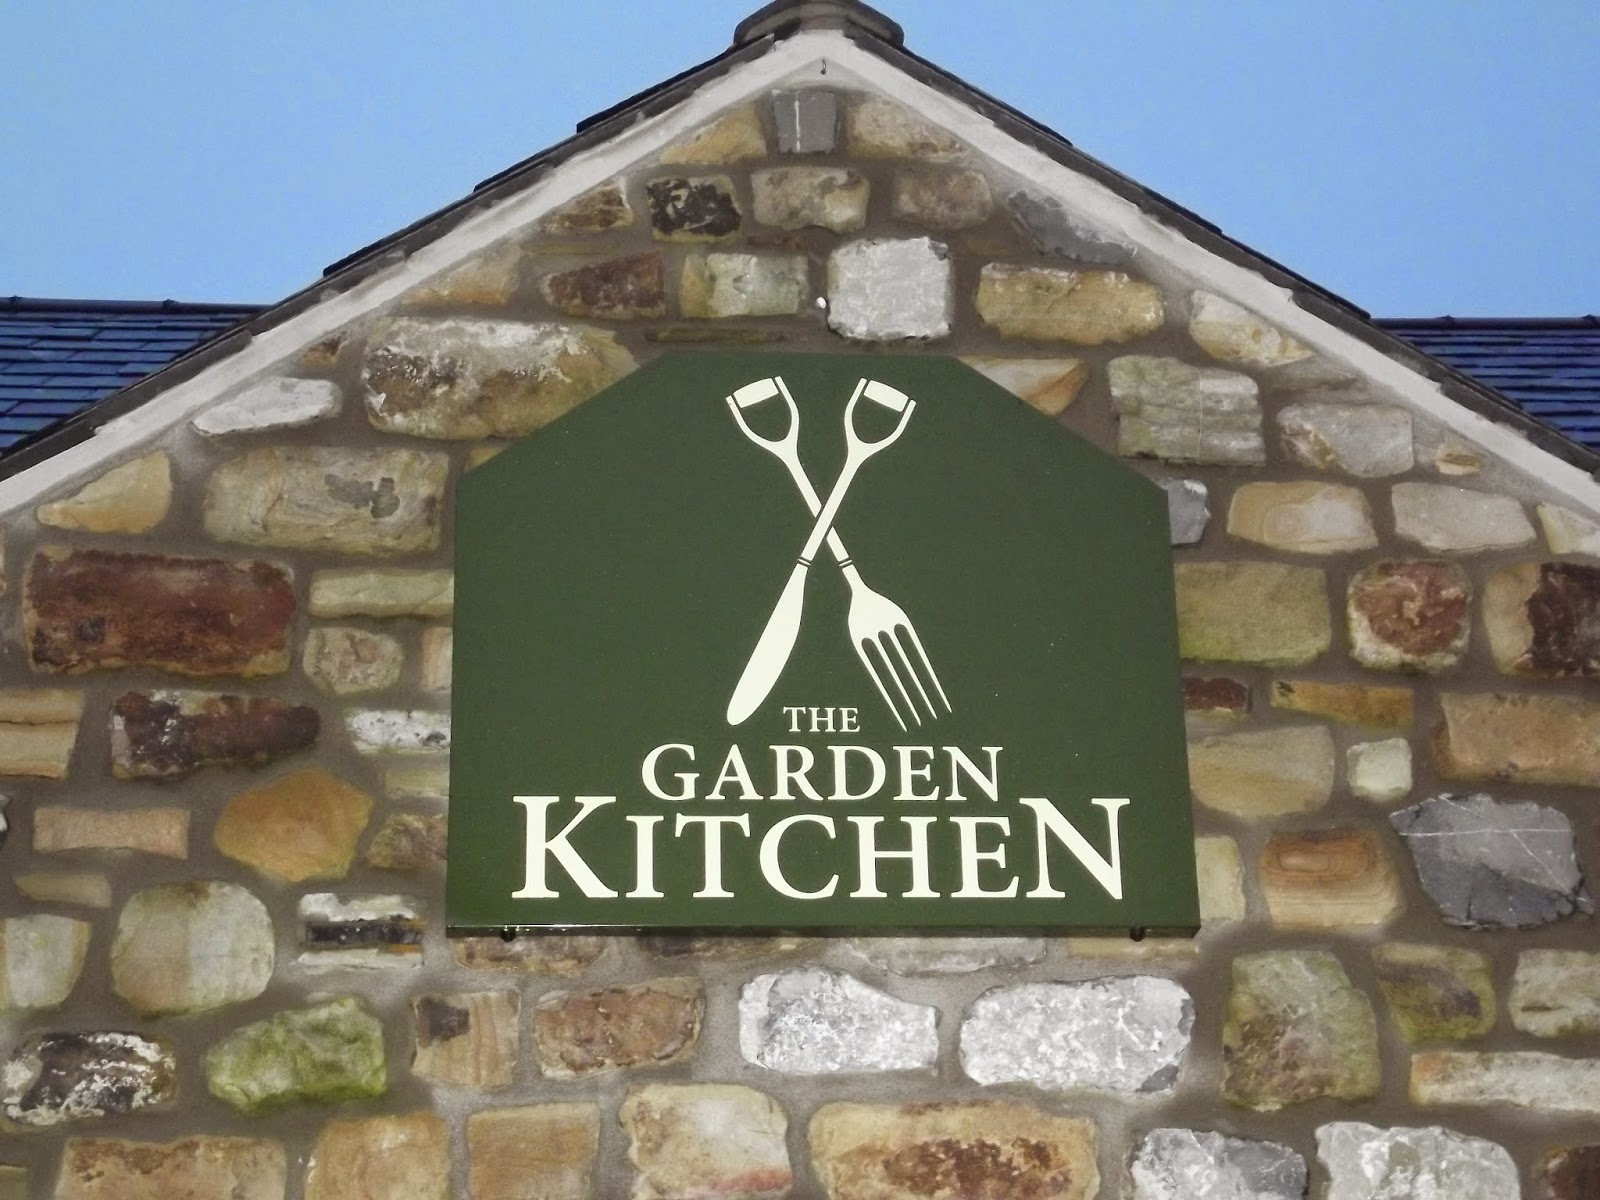 Garden Kitchen A Visit To The Garden Kitchen Clitheroe Sarahs Style Statement